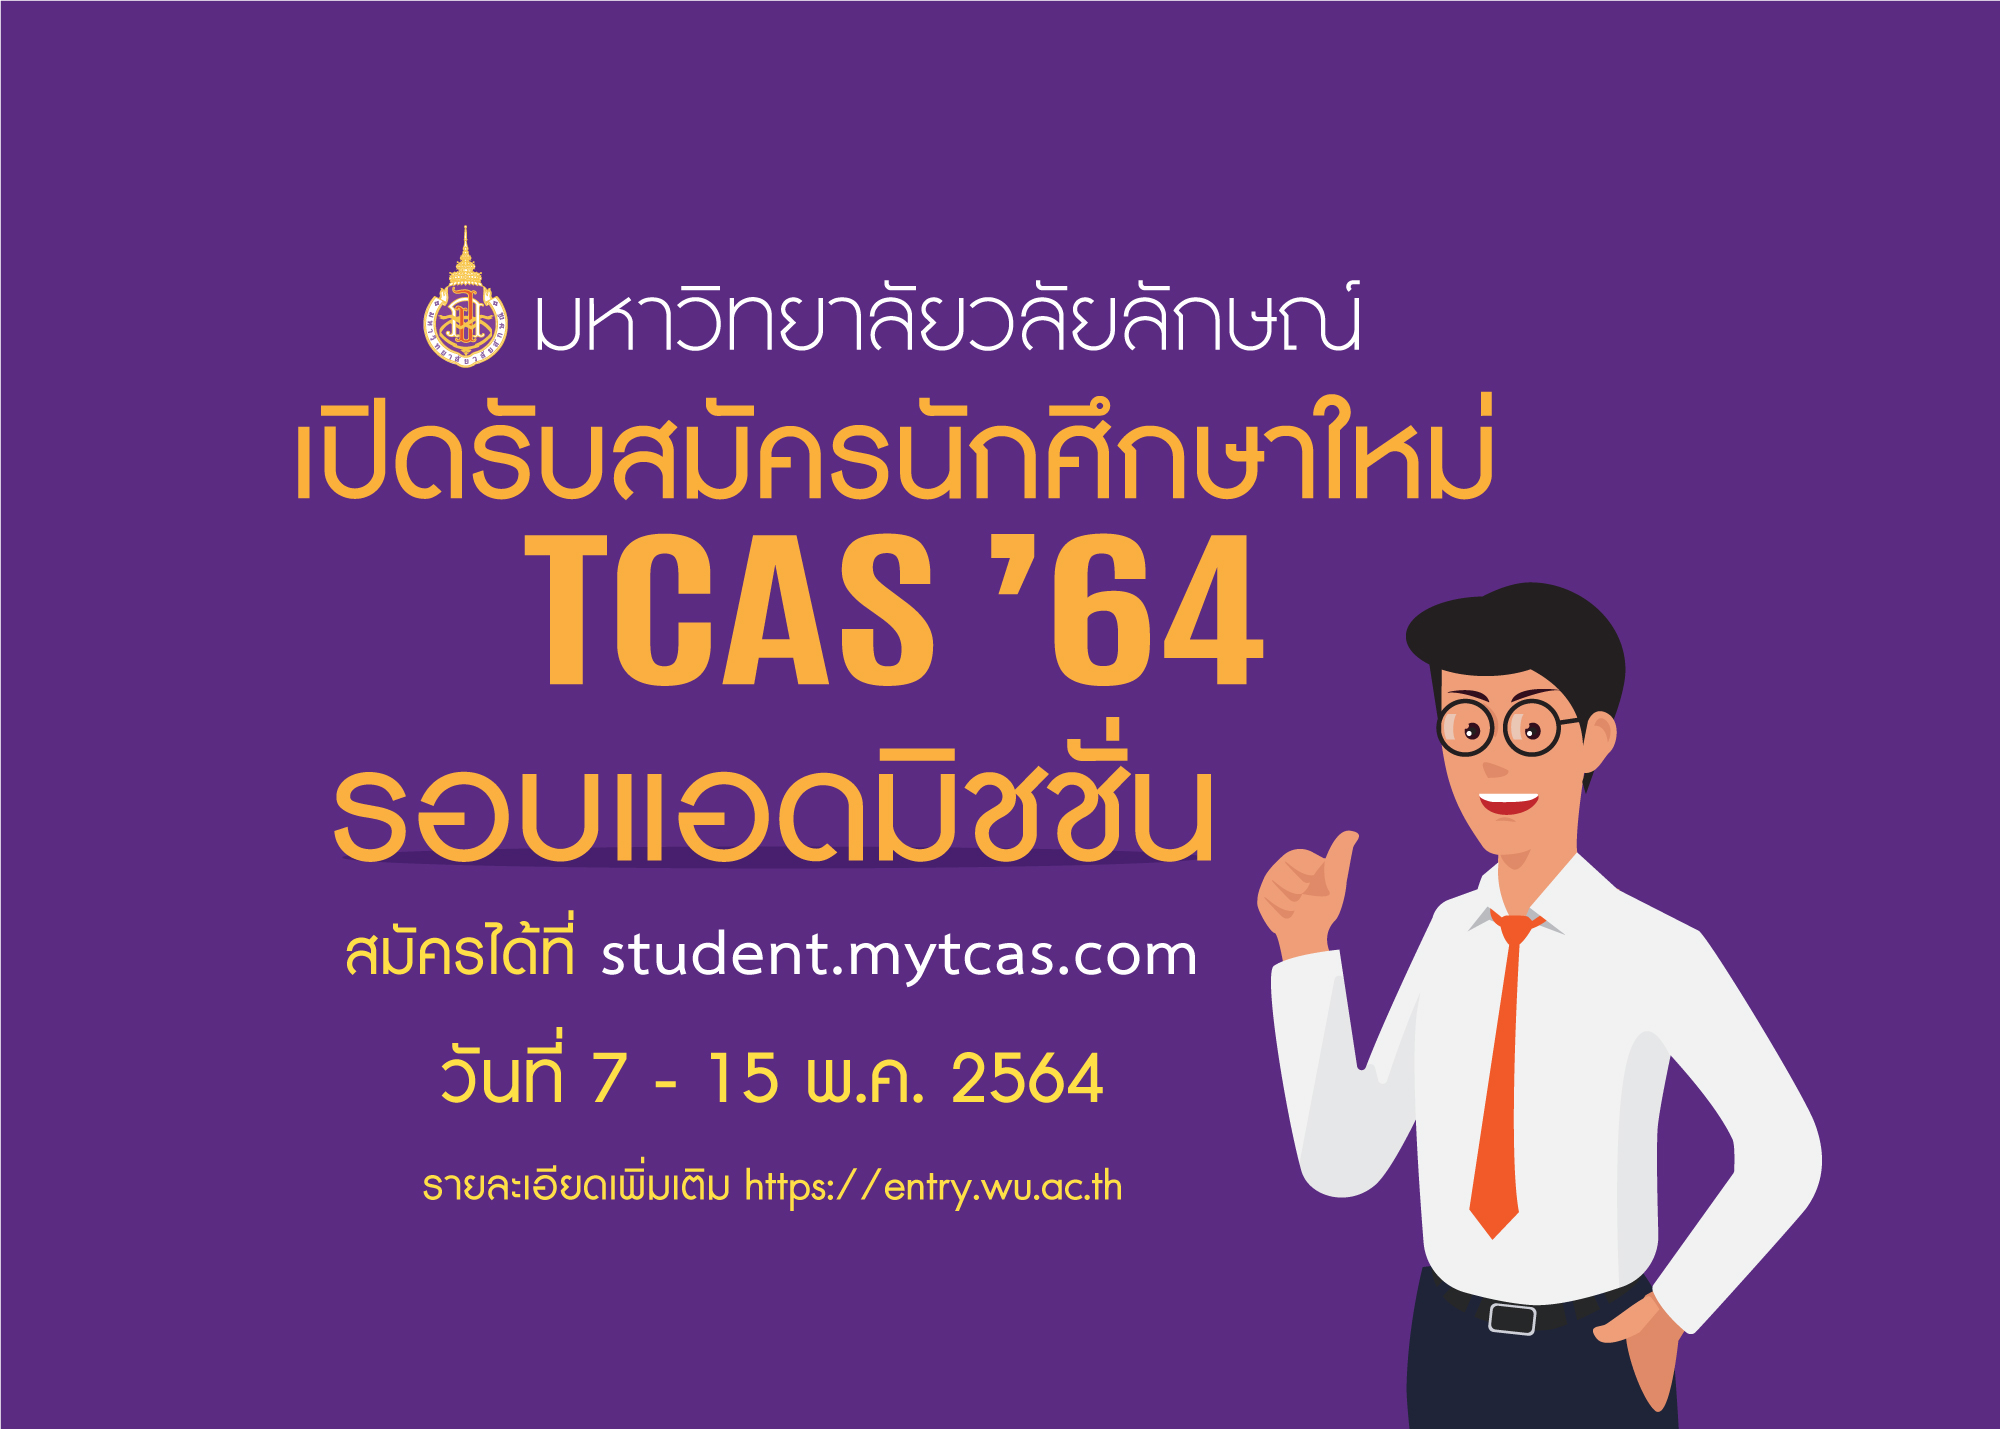 TCAS'64 ม.วลัยลักษณ์ รอบแอดมิชชั่น รับ 38 หลักสูตร 2,280 คน